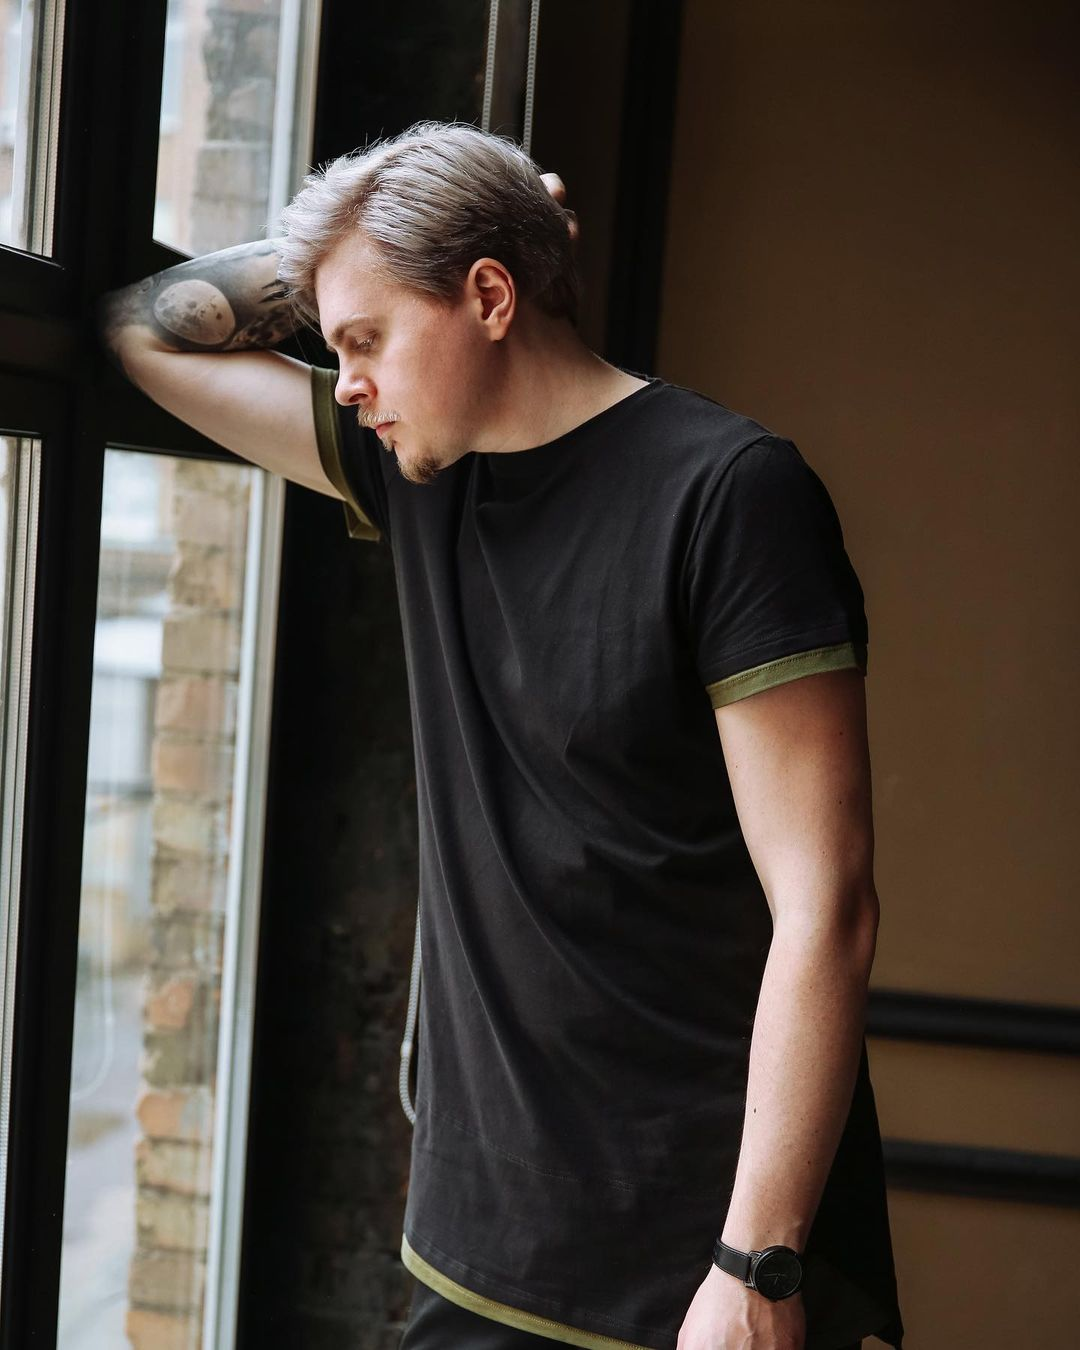 Київський Барбер розповів про актуальні тренди в чоловічих зачісках та проблеми випадіння волосся.